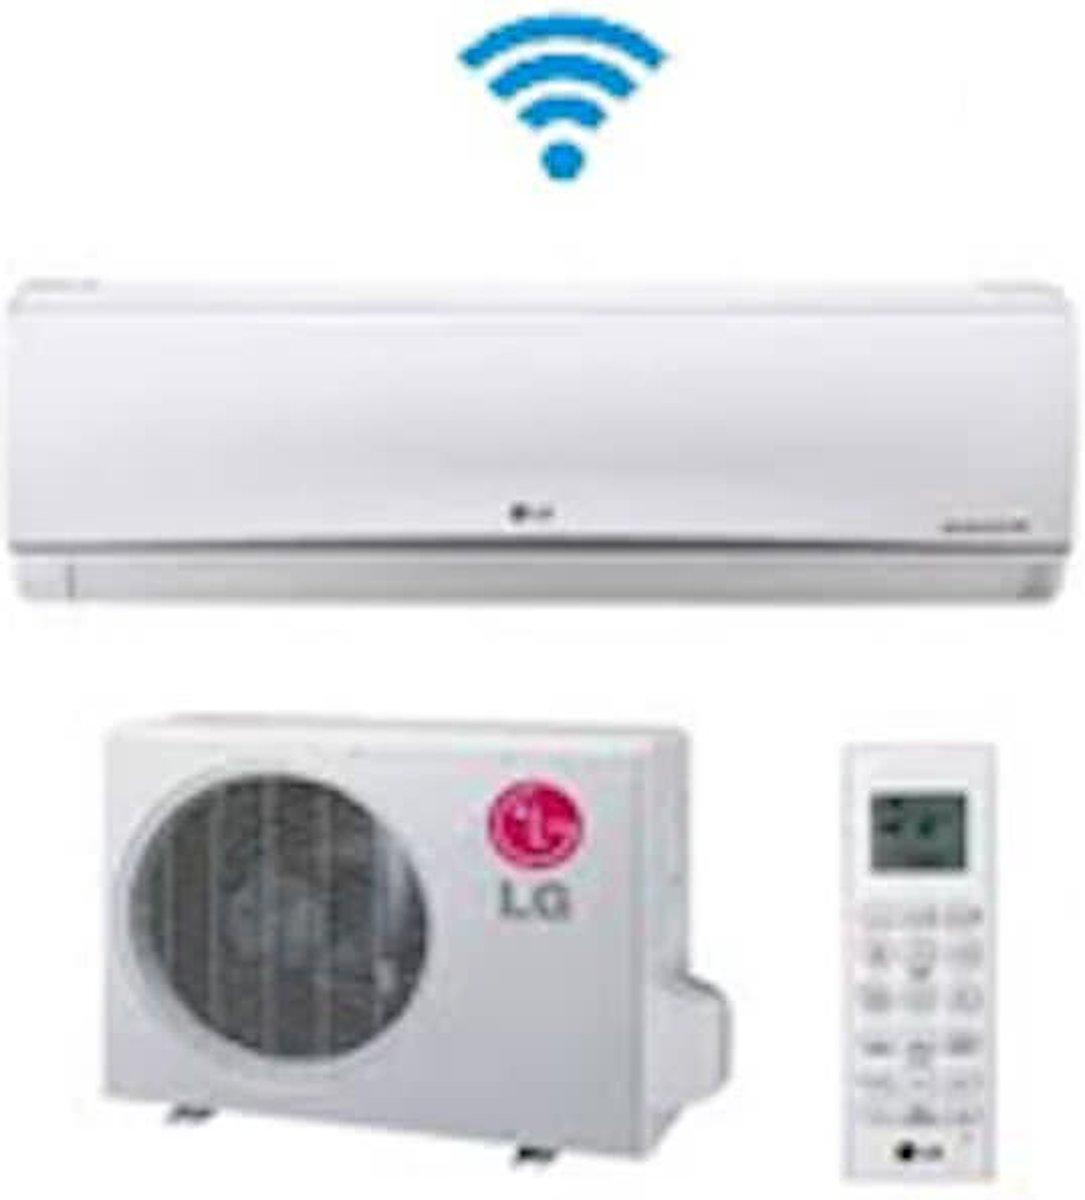 LG Standard Plus PC18SQ.NSJ - Split Unit airco systeem voor in huis   Koelen en verwarmen   Inverter model met warmtepomp kopen